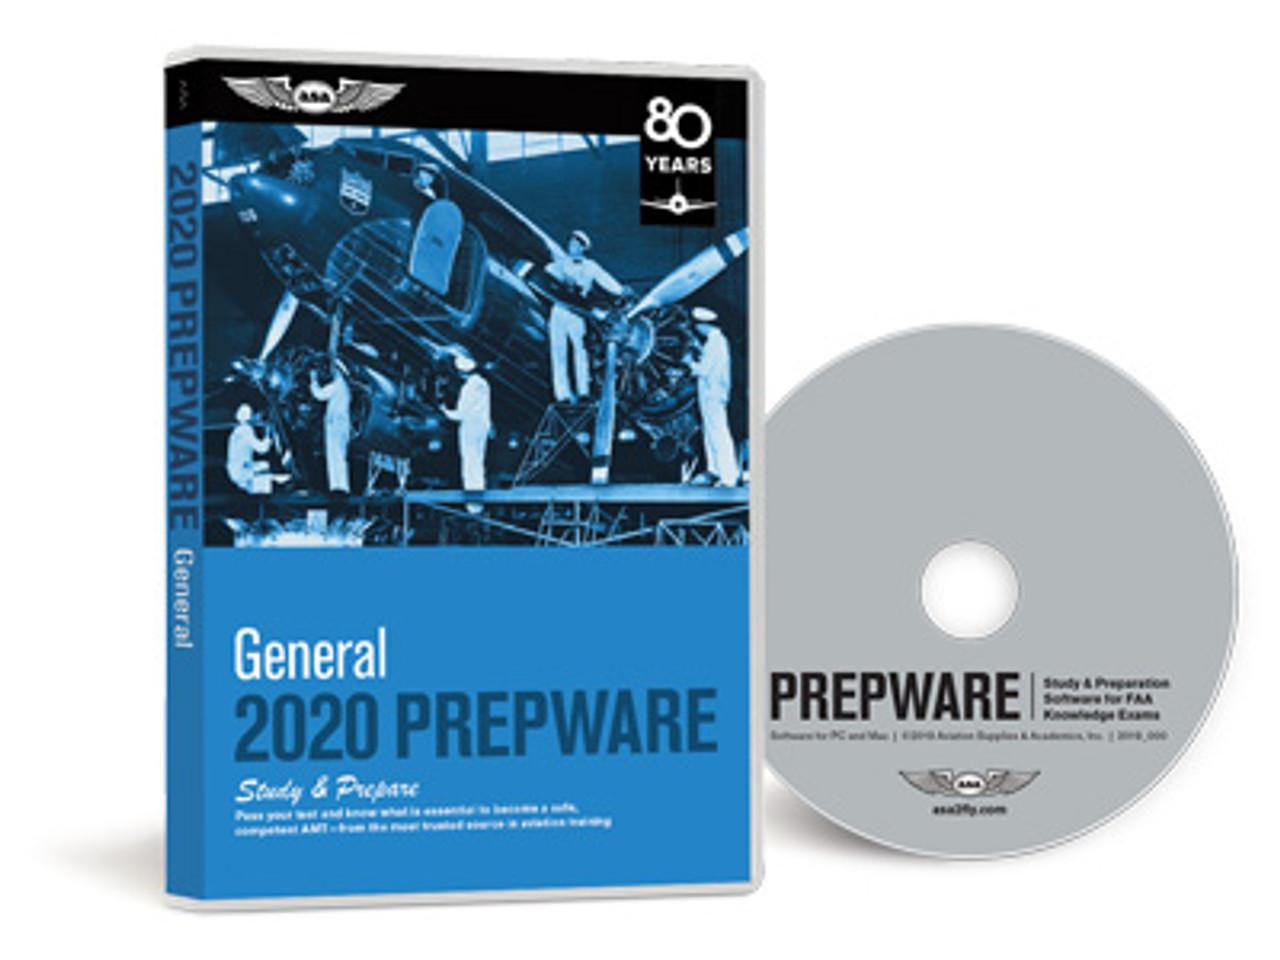 ASA AMT General Prepware 2020